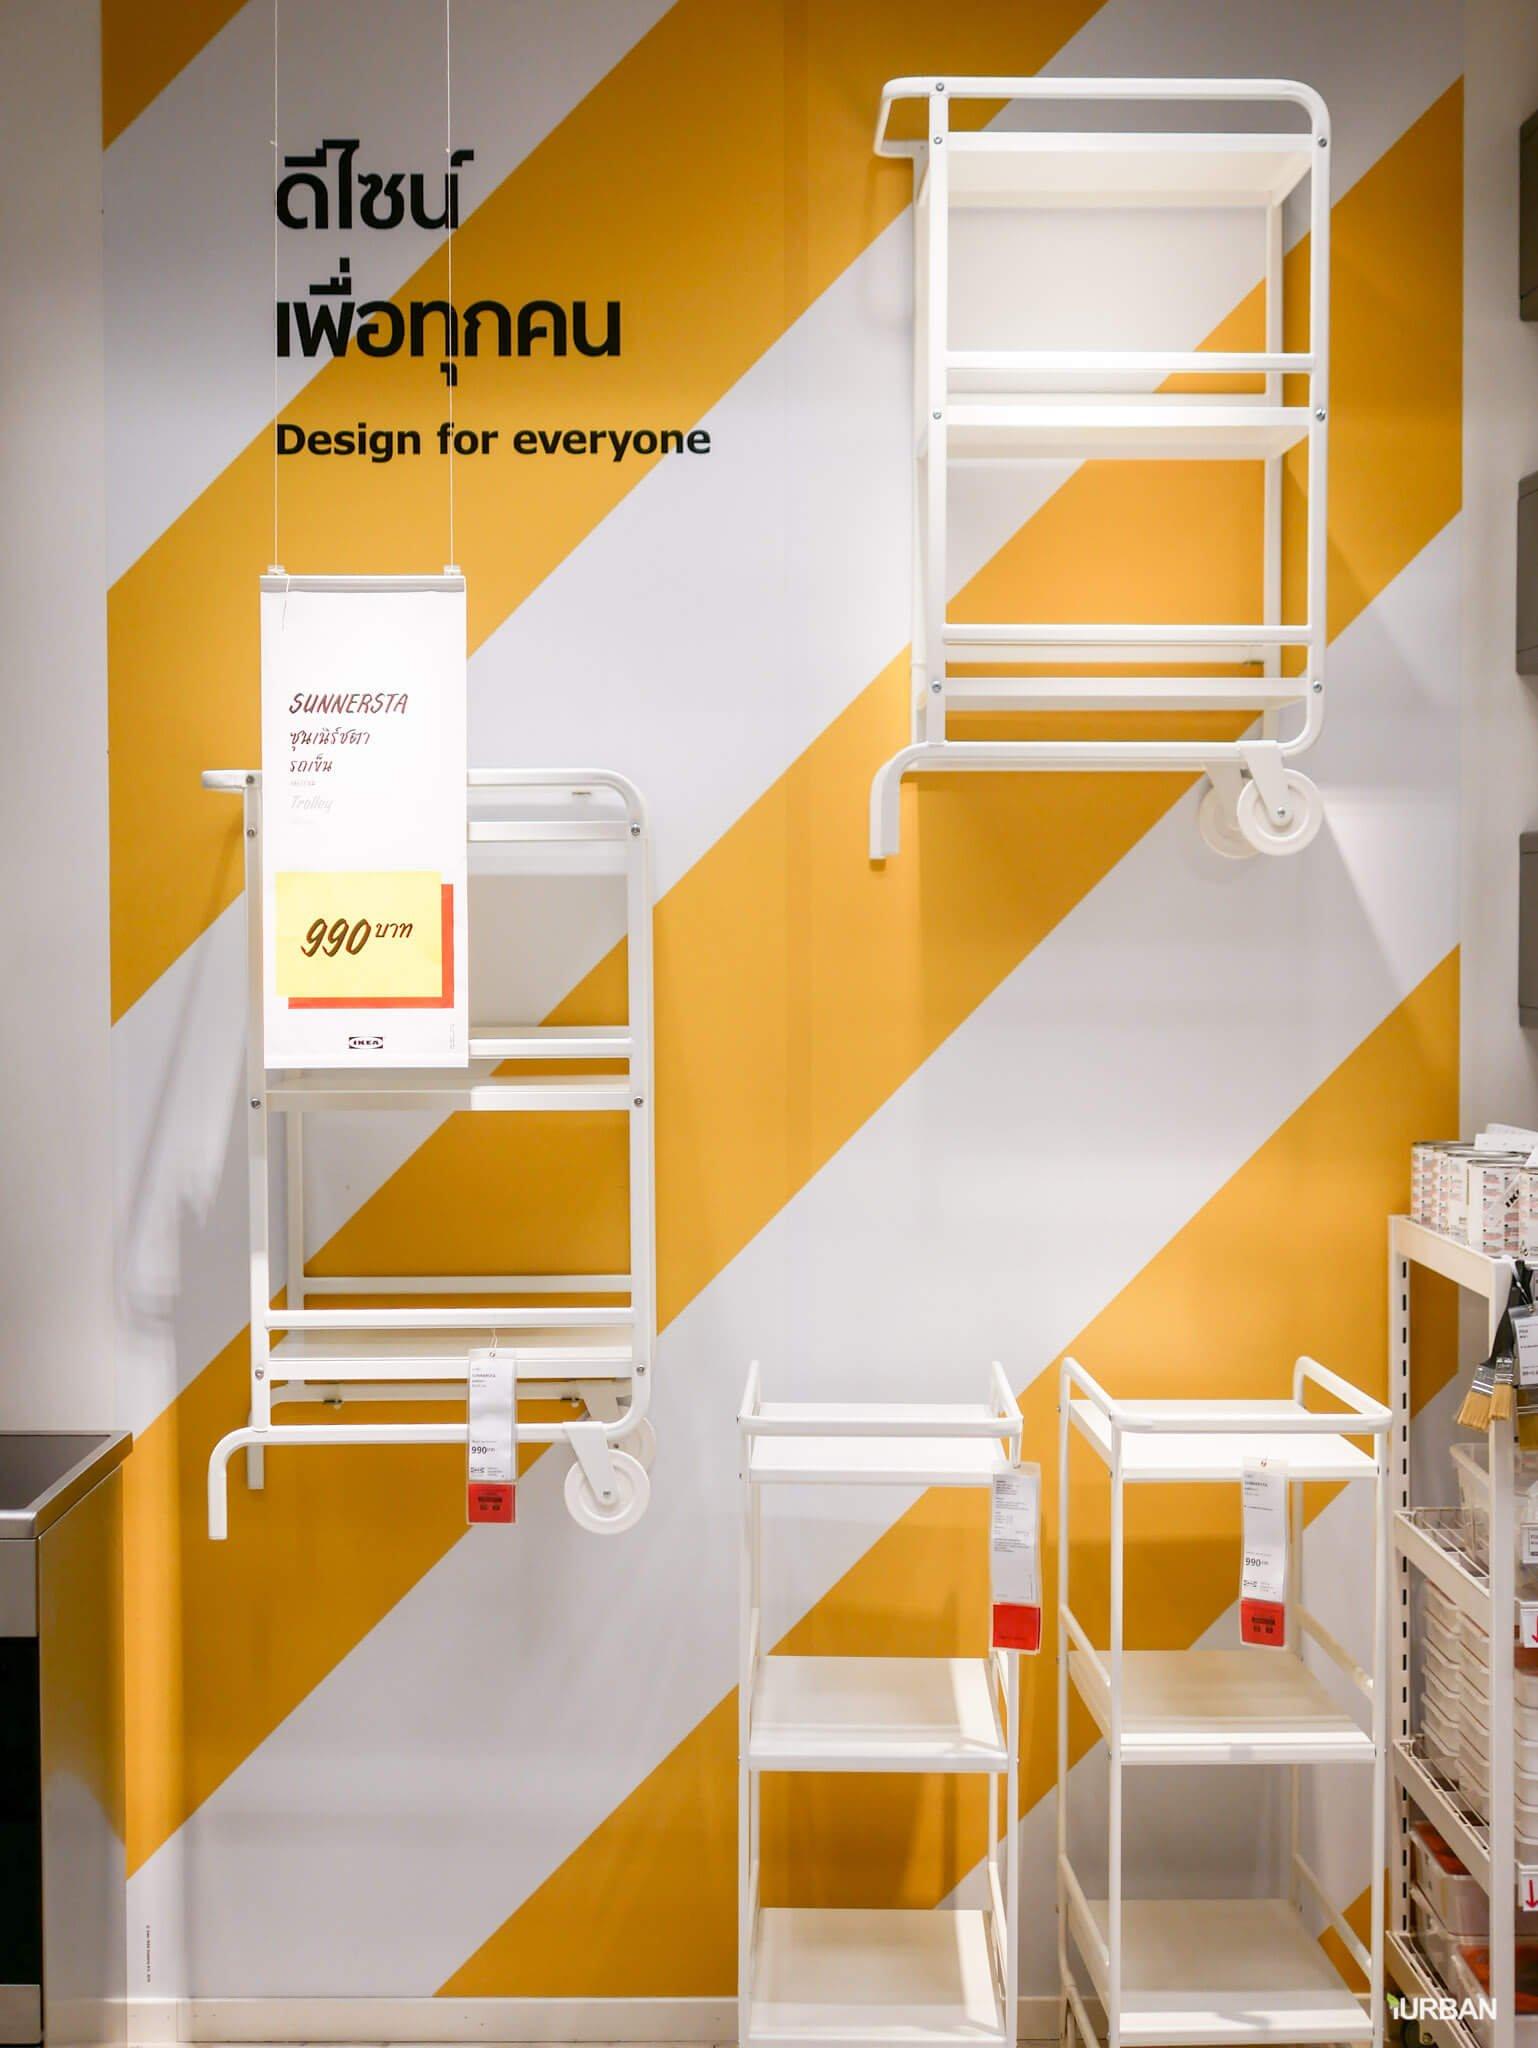 มันเยอะมากกกก!! IKEA Year End SALE 2017 รวมของเซลในอิเกีย ลดเยอะ ลดแหลก รีบพุ่งตัวไป วันนี้ - 7 มกราคม 61 63 - IKEA (อิเกีย)